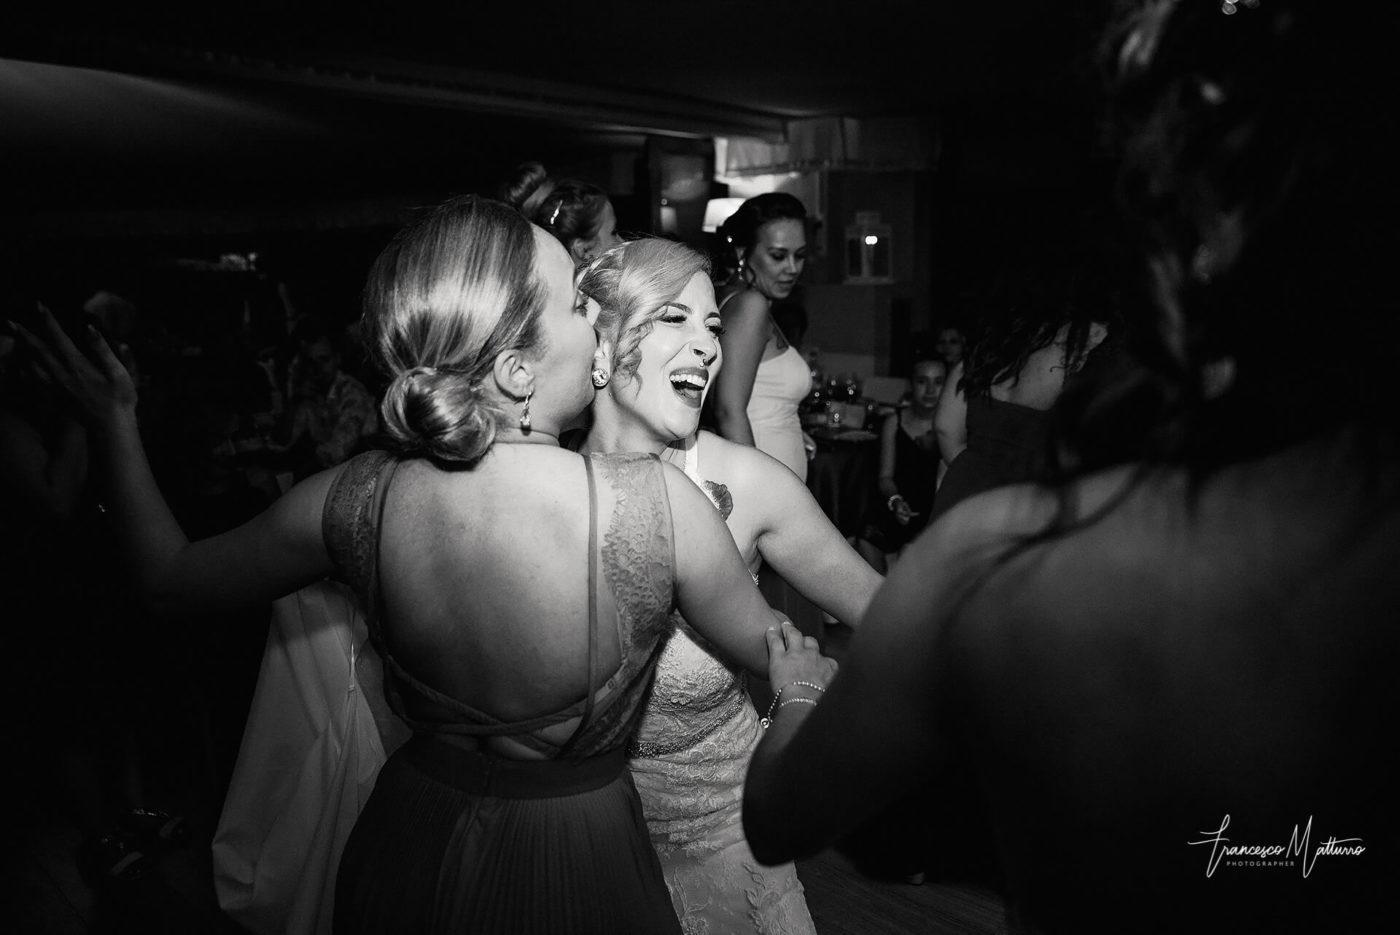 servizio fotografico di matrimonio durante la festa ricevimento balli al castello rosso di costigliole saluzzo di Francesco Matturro